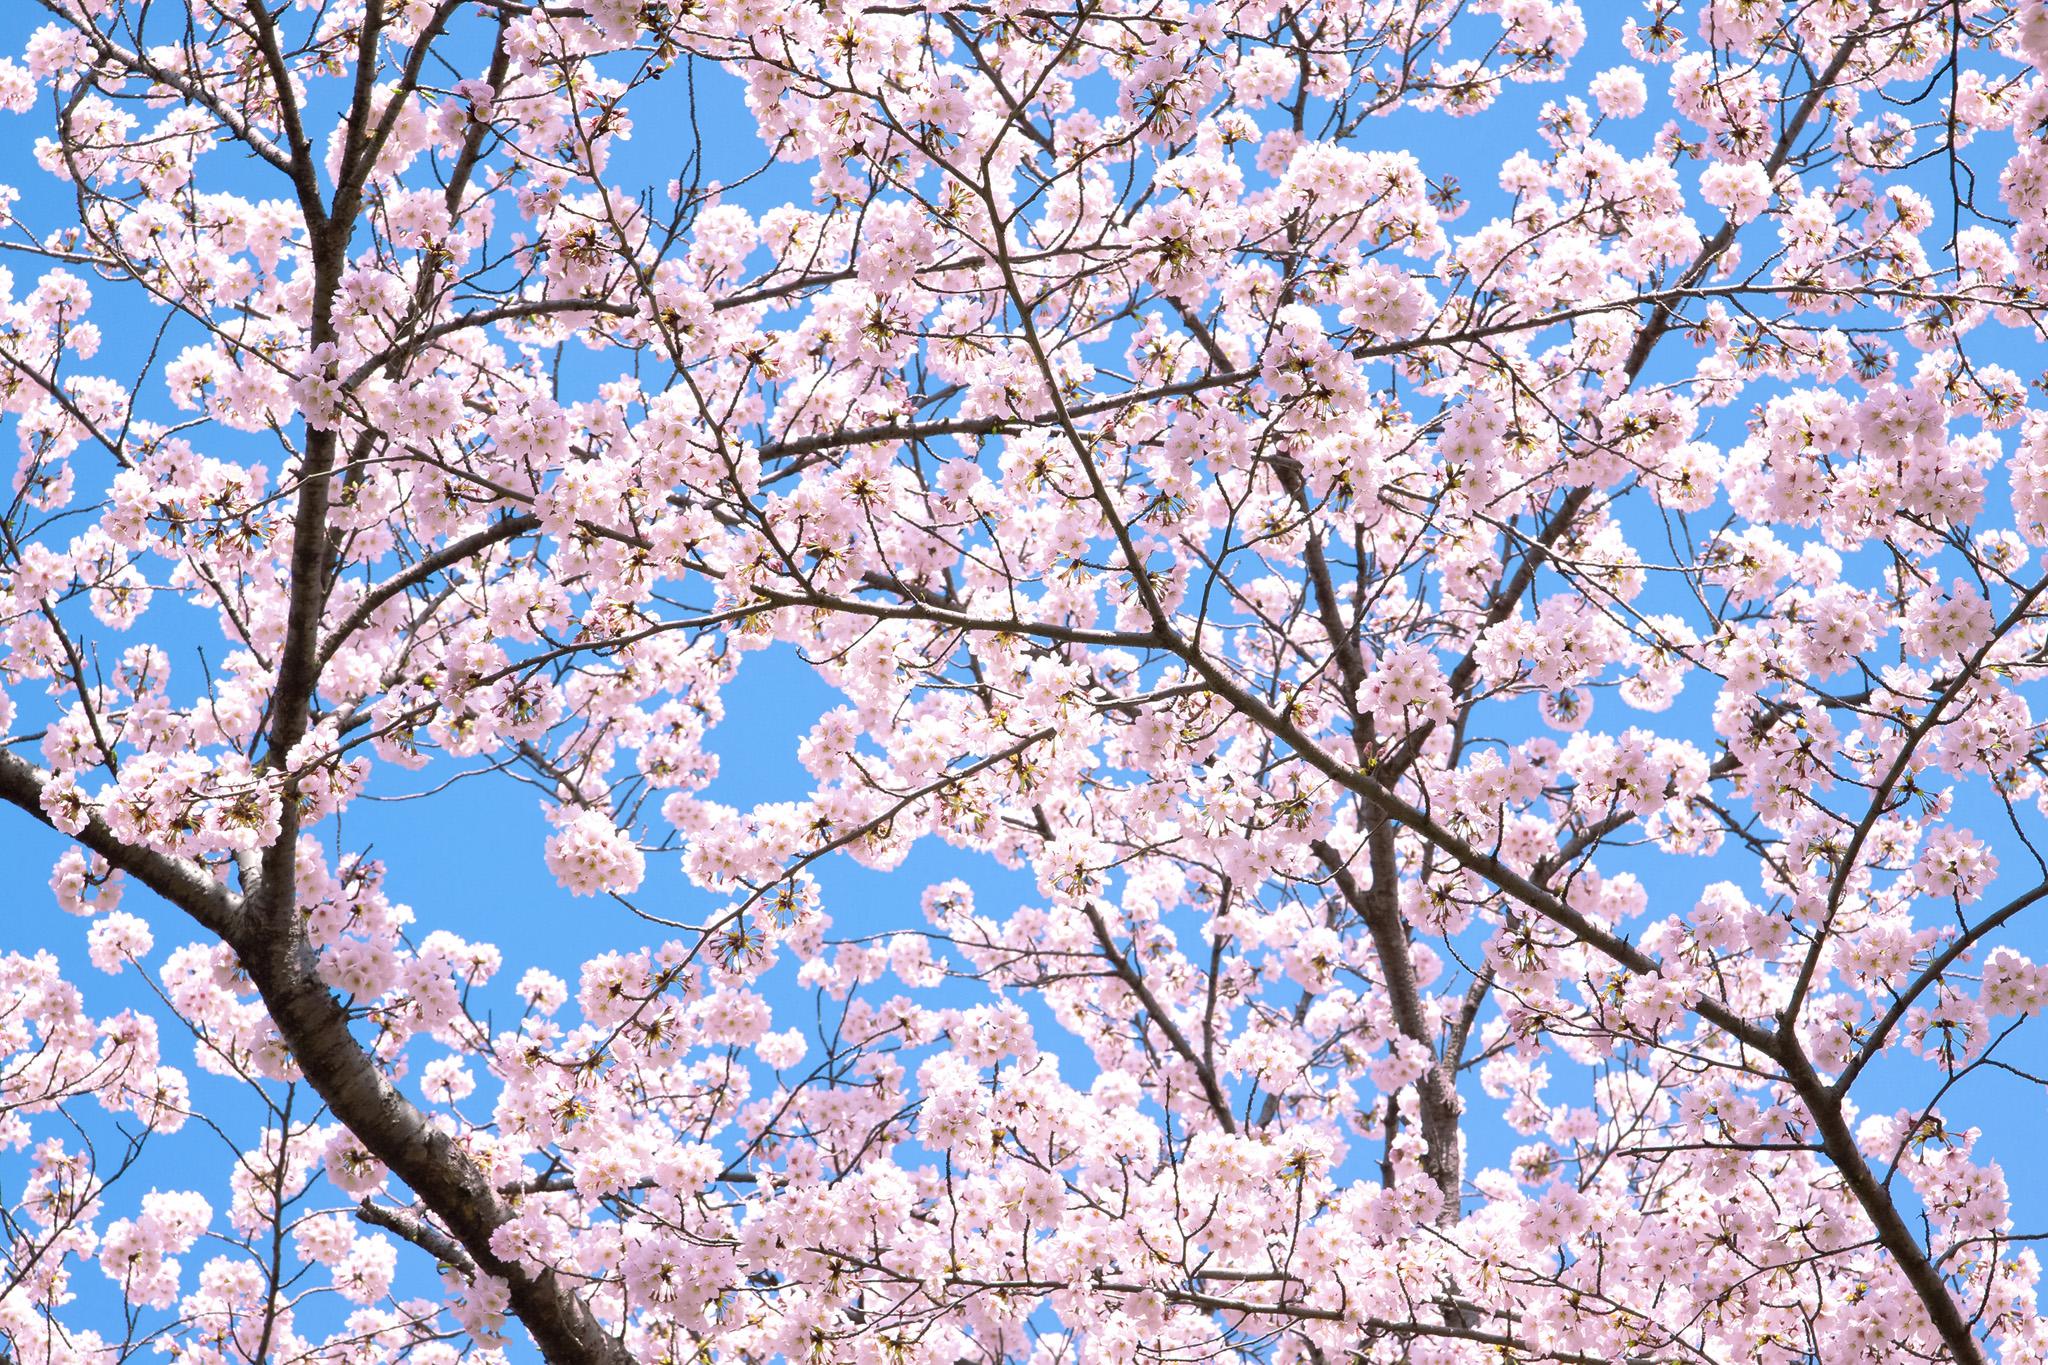 「薄いピンクの花の桜背景」